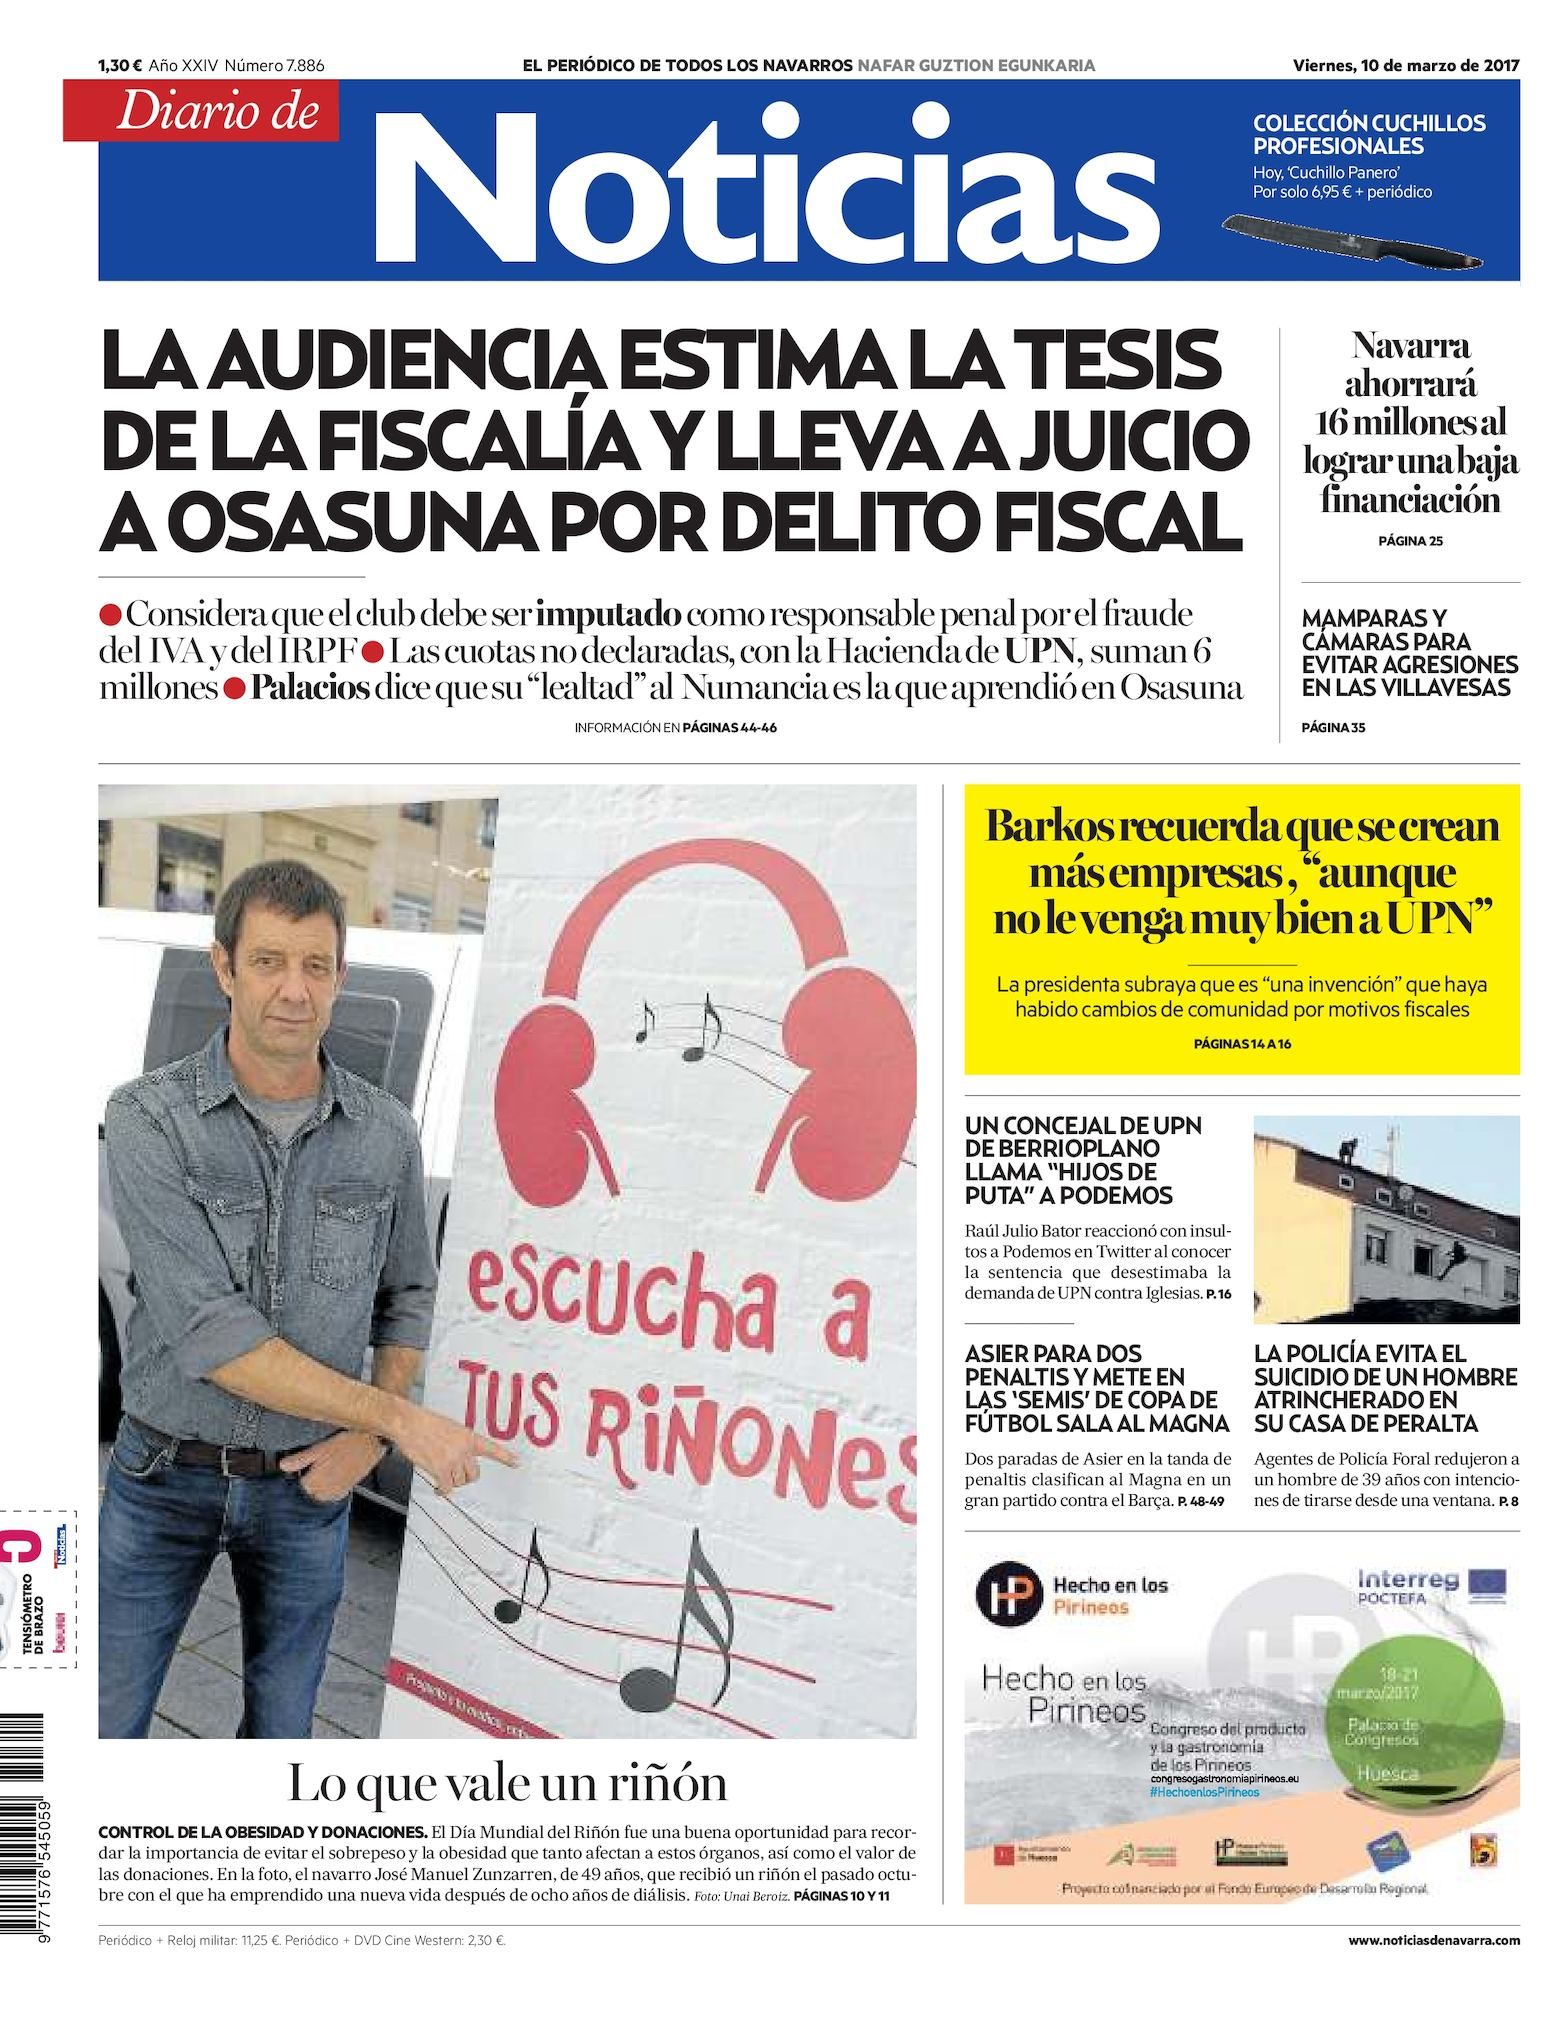 9f1446366bb3b Calaméo - Diario de Noticias 20170310